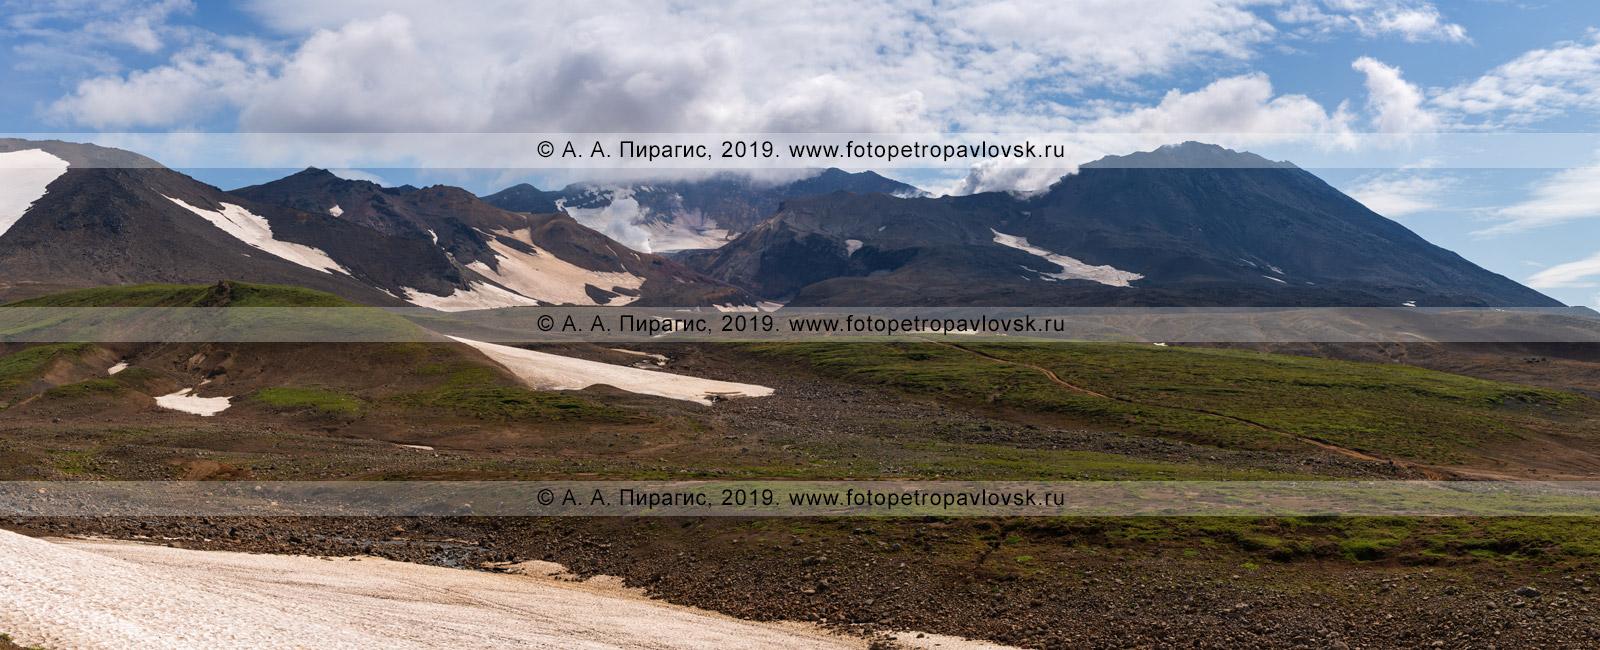 Панорамная фотография: камчатский вулканический пейзаж — красивый осенний вид на действующий Мутновский вулкан (Mutnovsky Volcano)